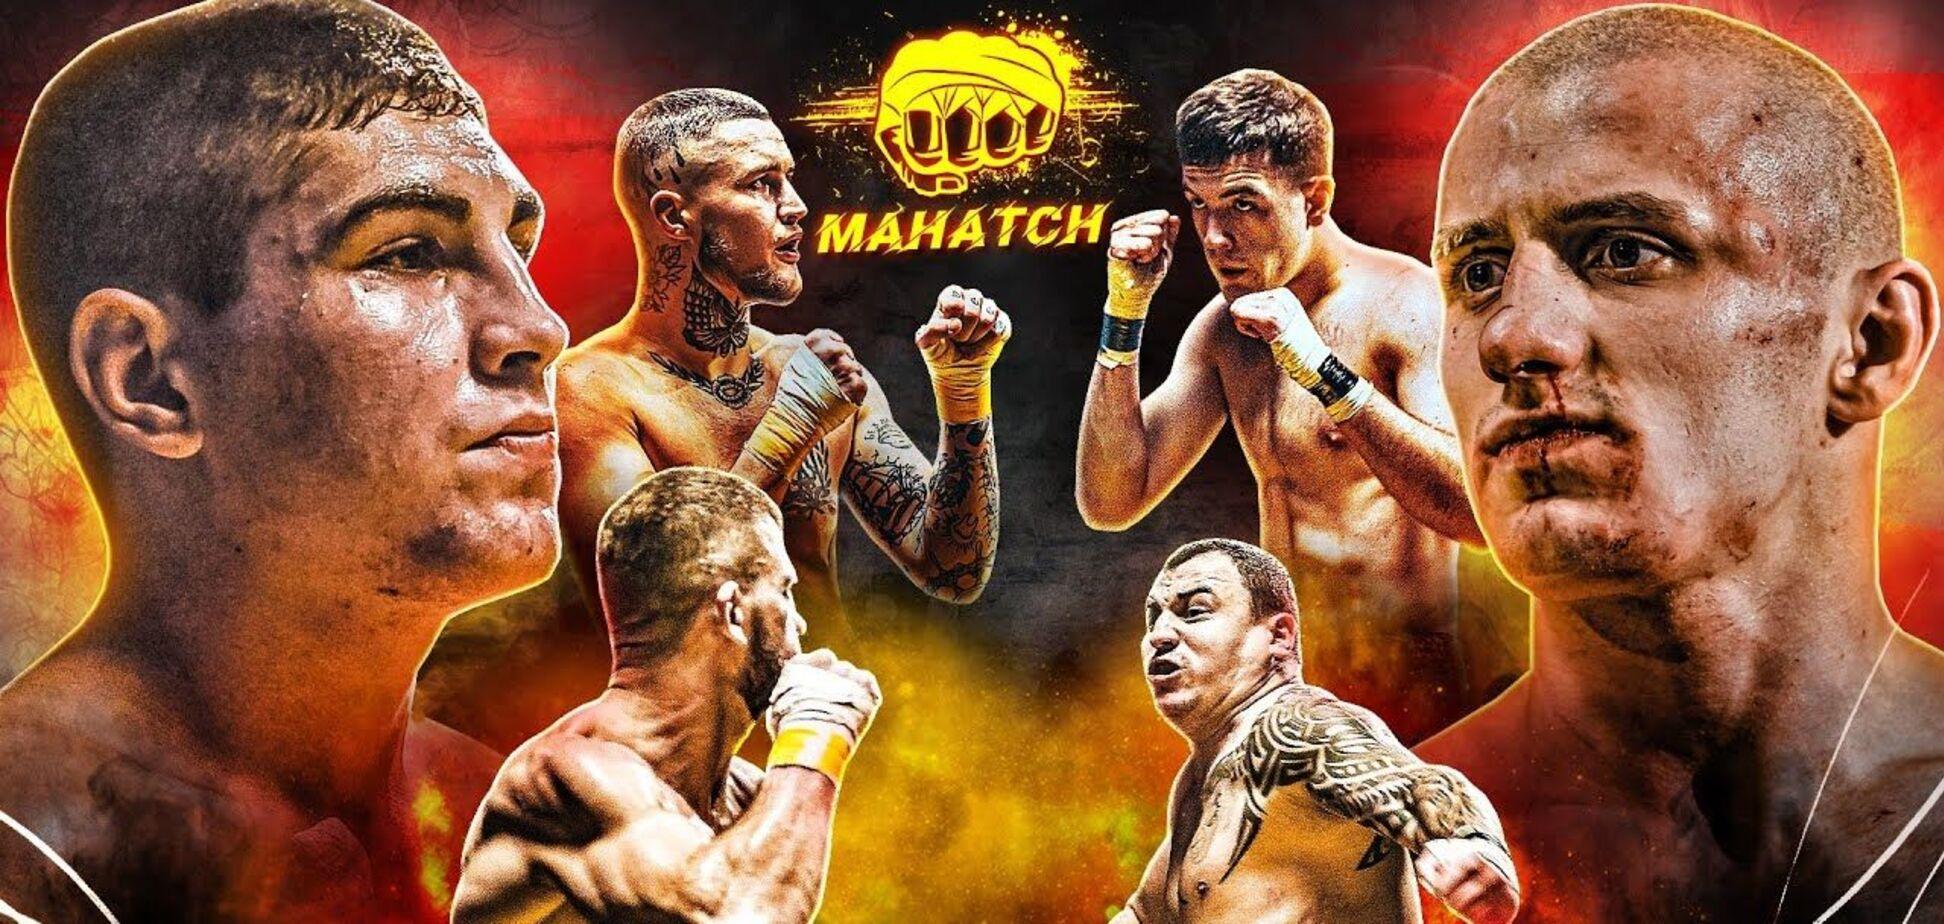 Наприкінці минулого року в Києві стартувала Ліга кулачних боїв Mahatch